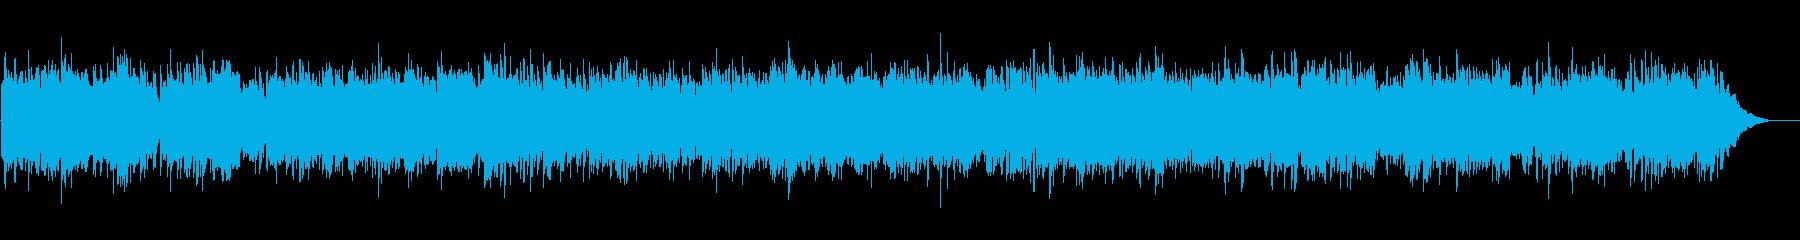 アコギ2本による穏やかなフォークバラードの再生済みの波形